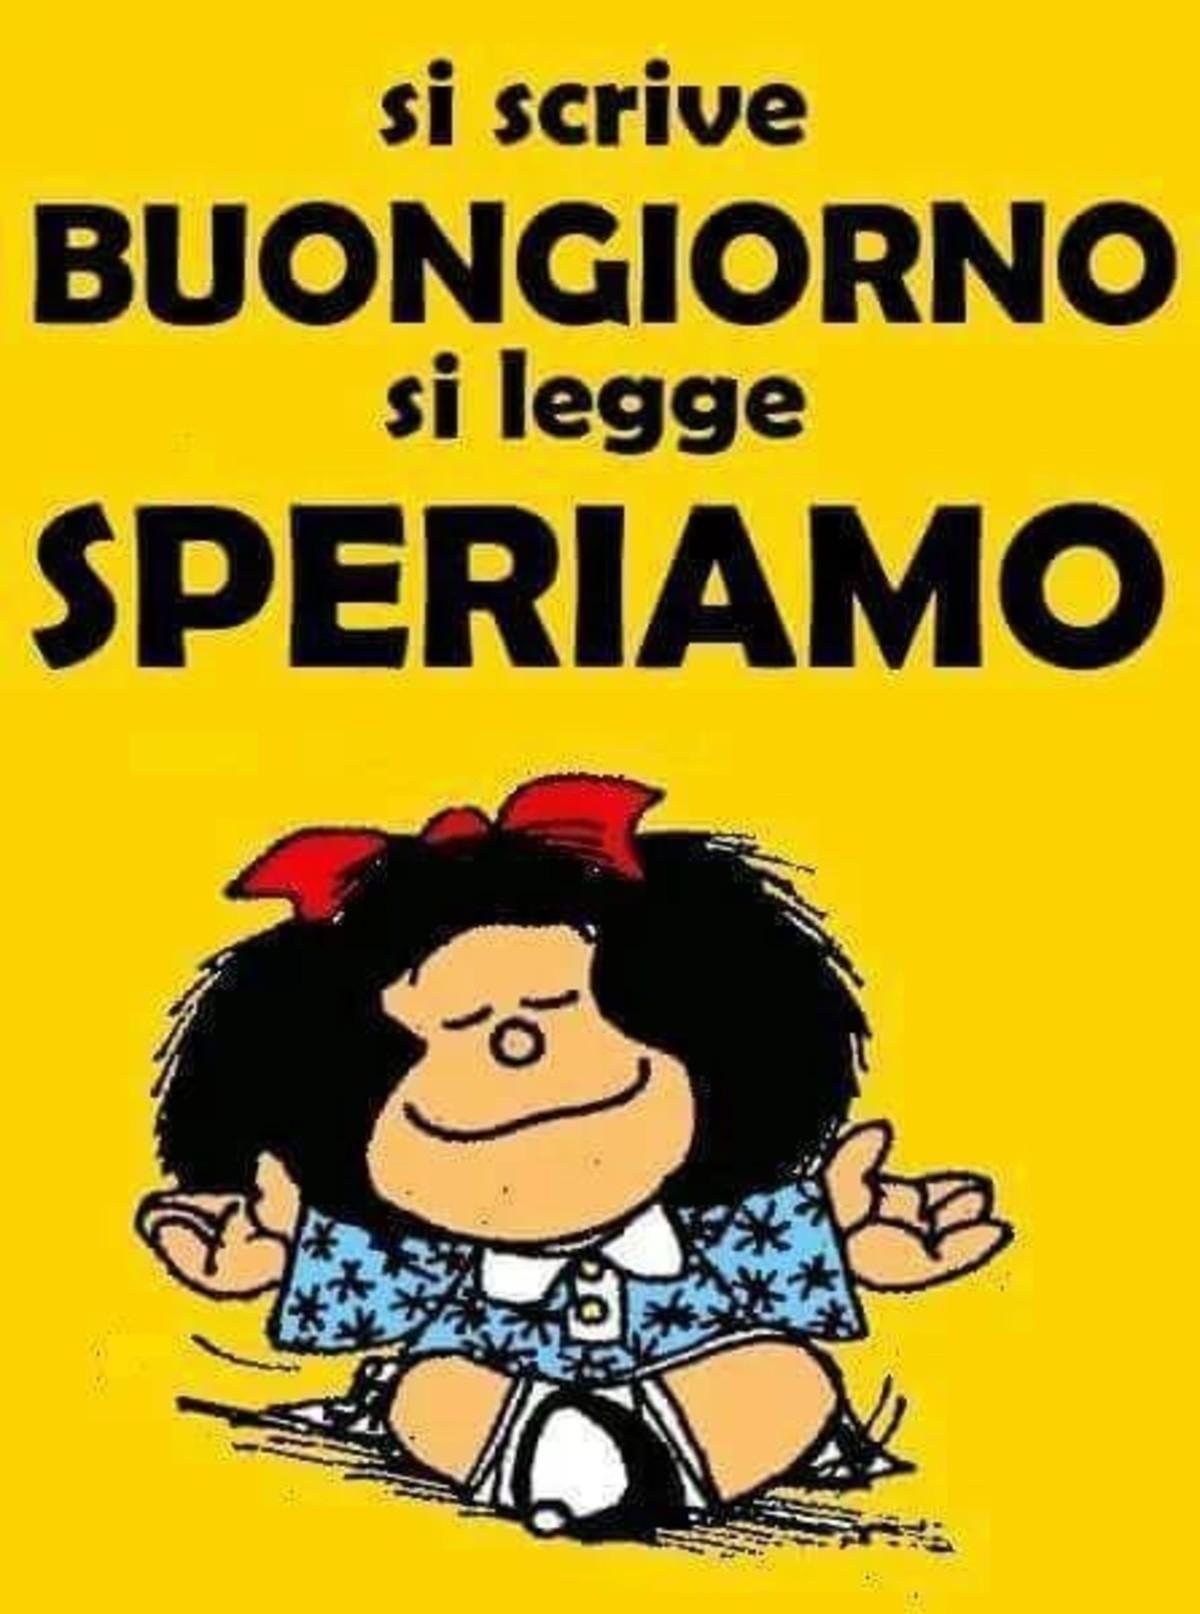 Si scrive Buongiorno, si legge speriamo. (Mafalda)